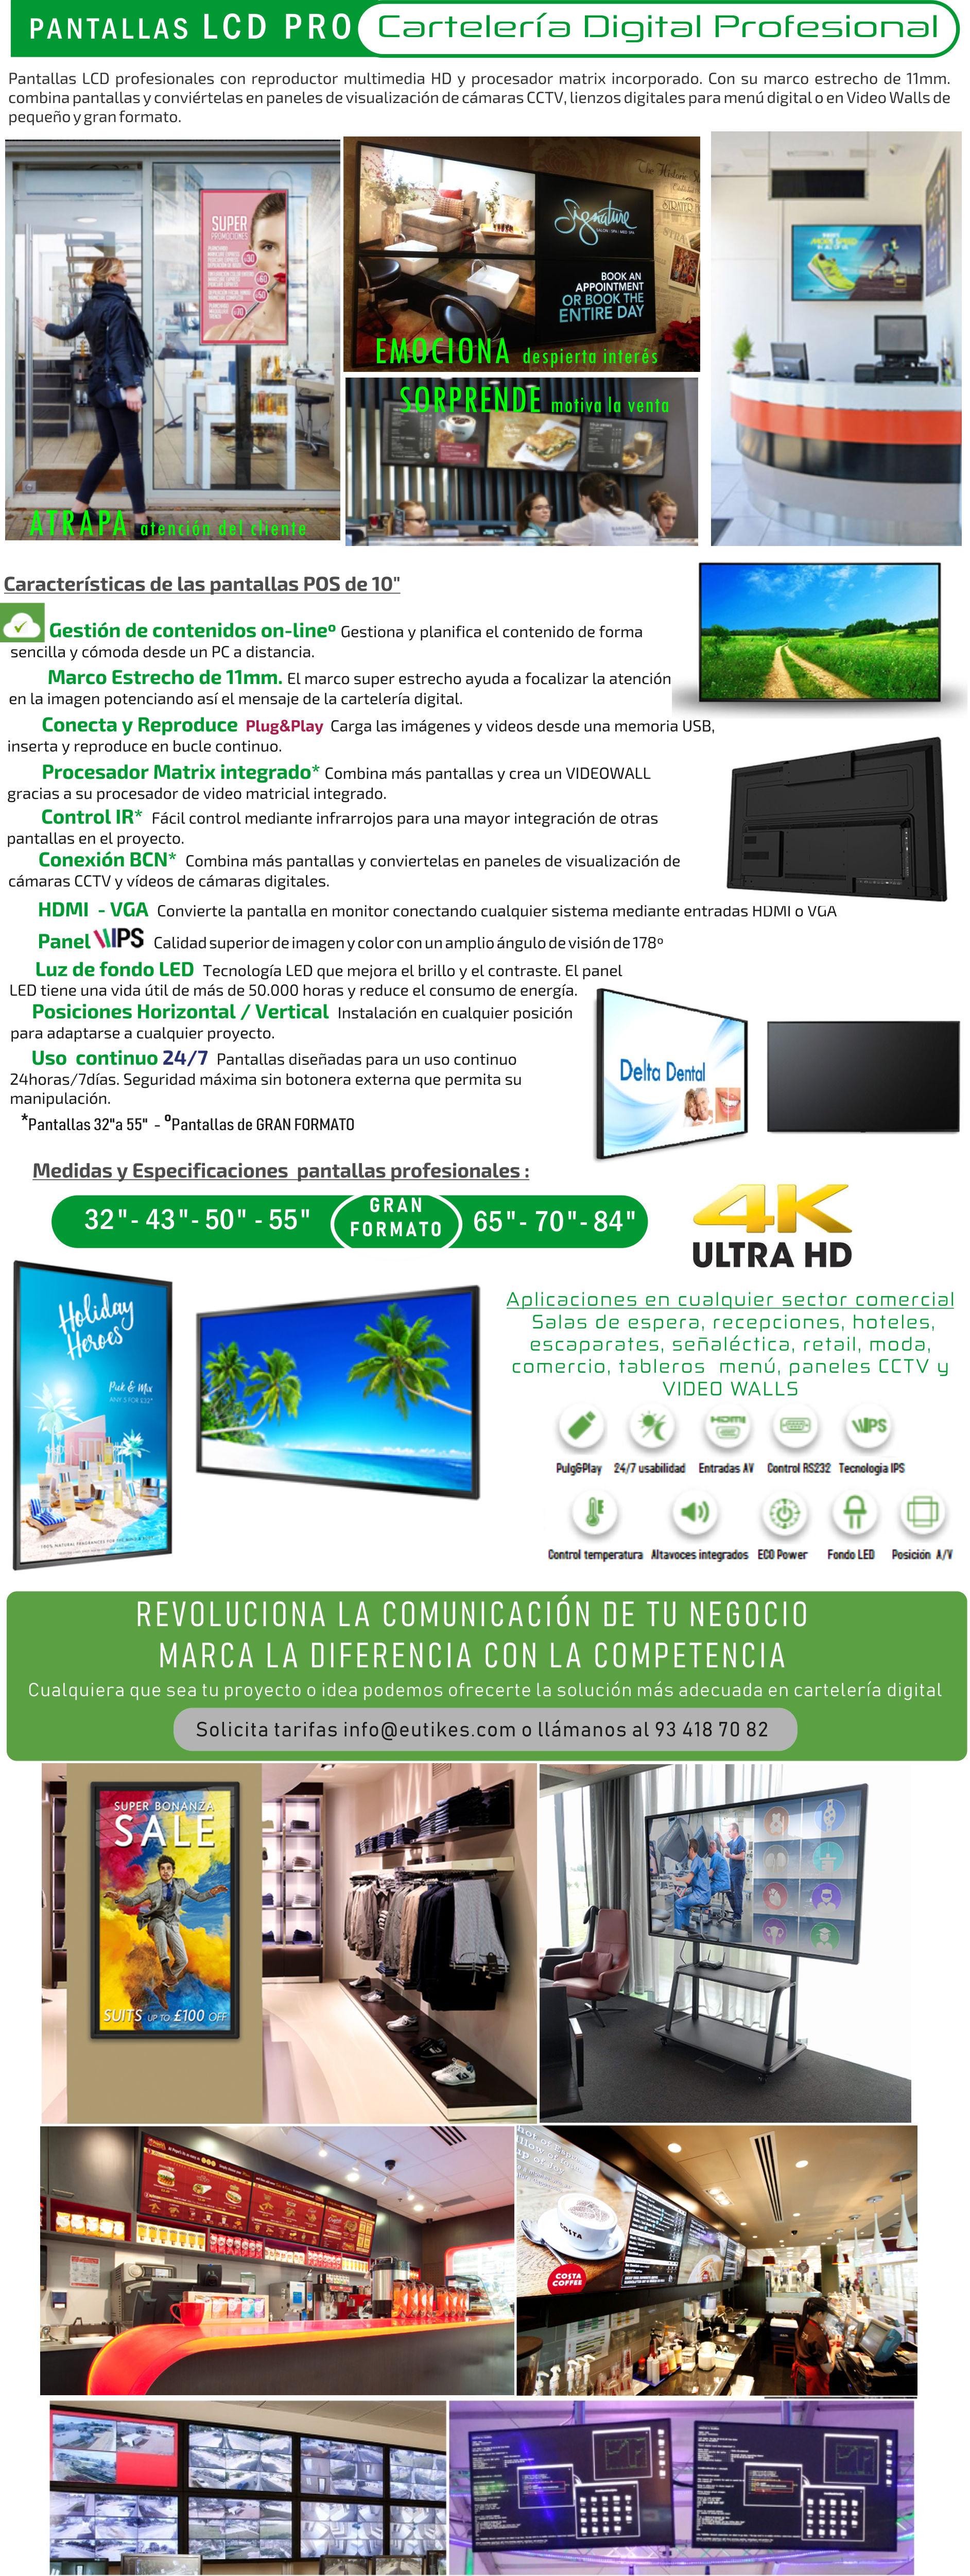 Pantallas para publicidad profesionales 4K - pantallas salas de control y menus digitales